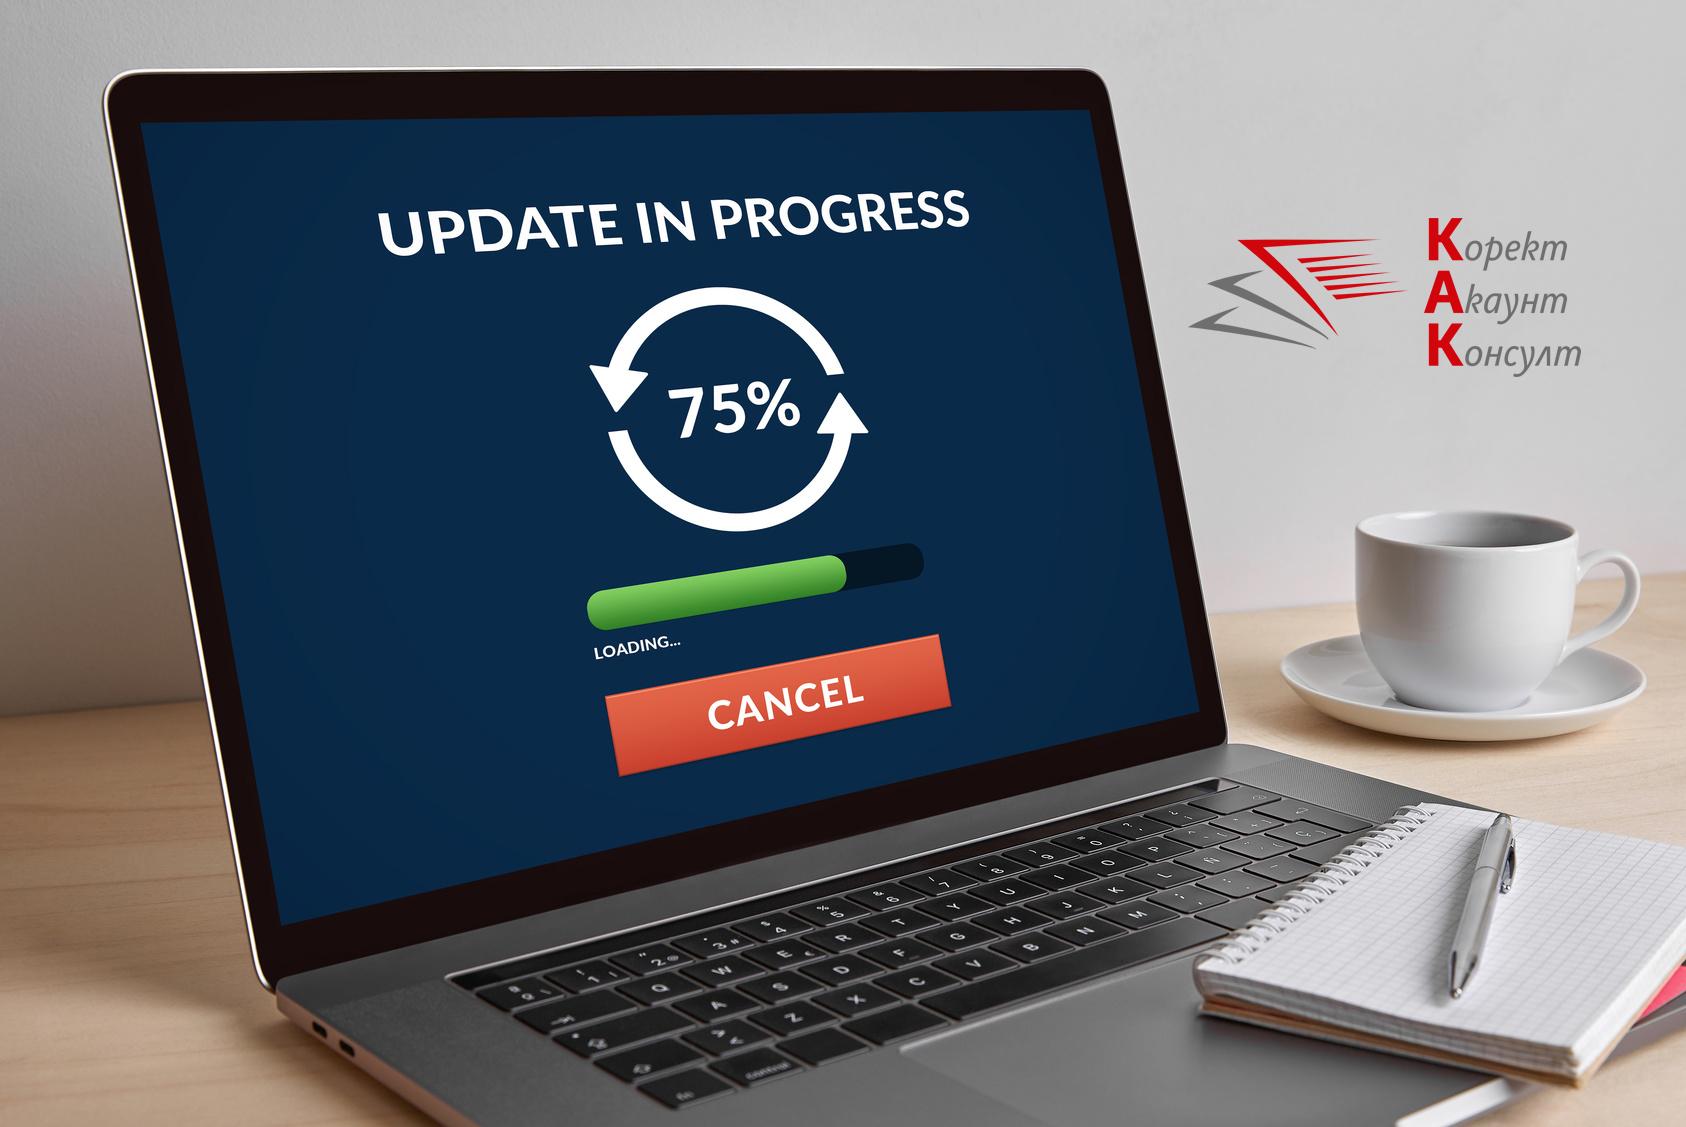 Публикувана е обновена версия на програмния продукт за генериране на отчетни регистри по ДДС, справка–декларация по ЗДДС и VIES декларация